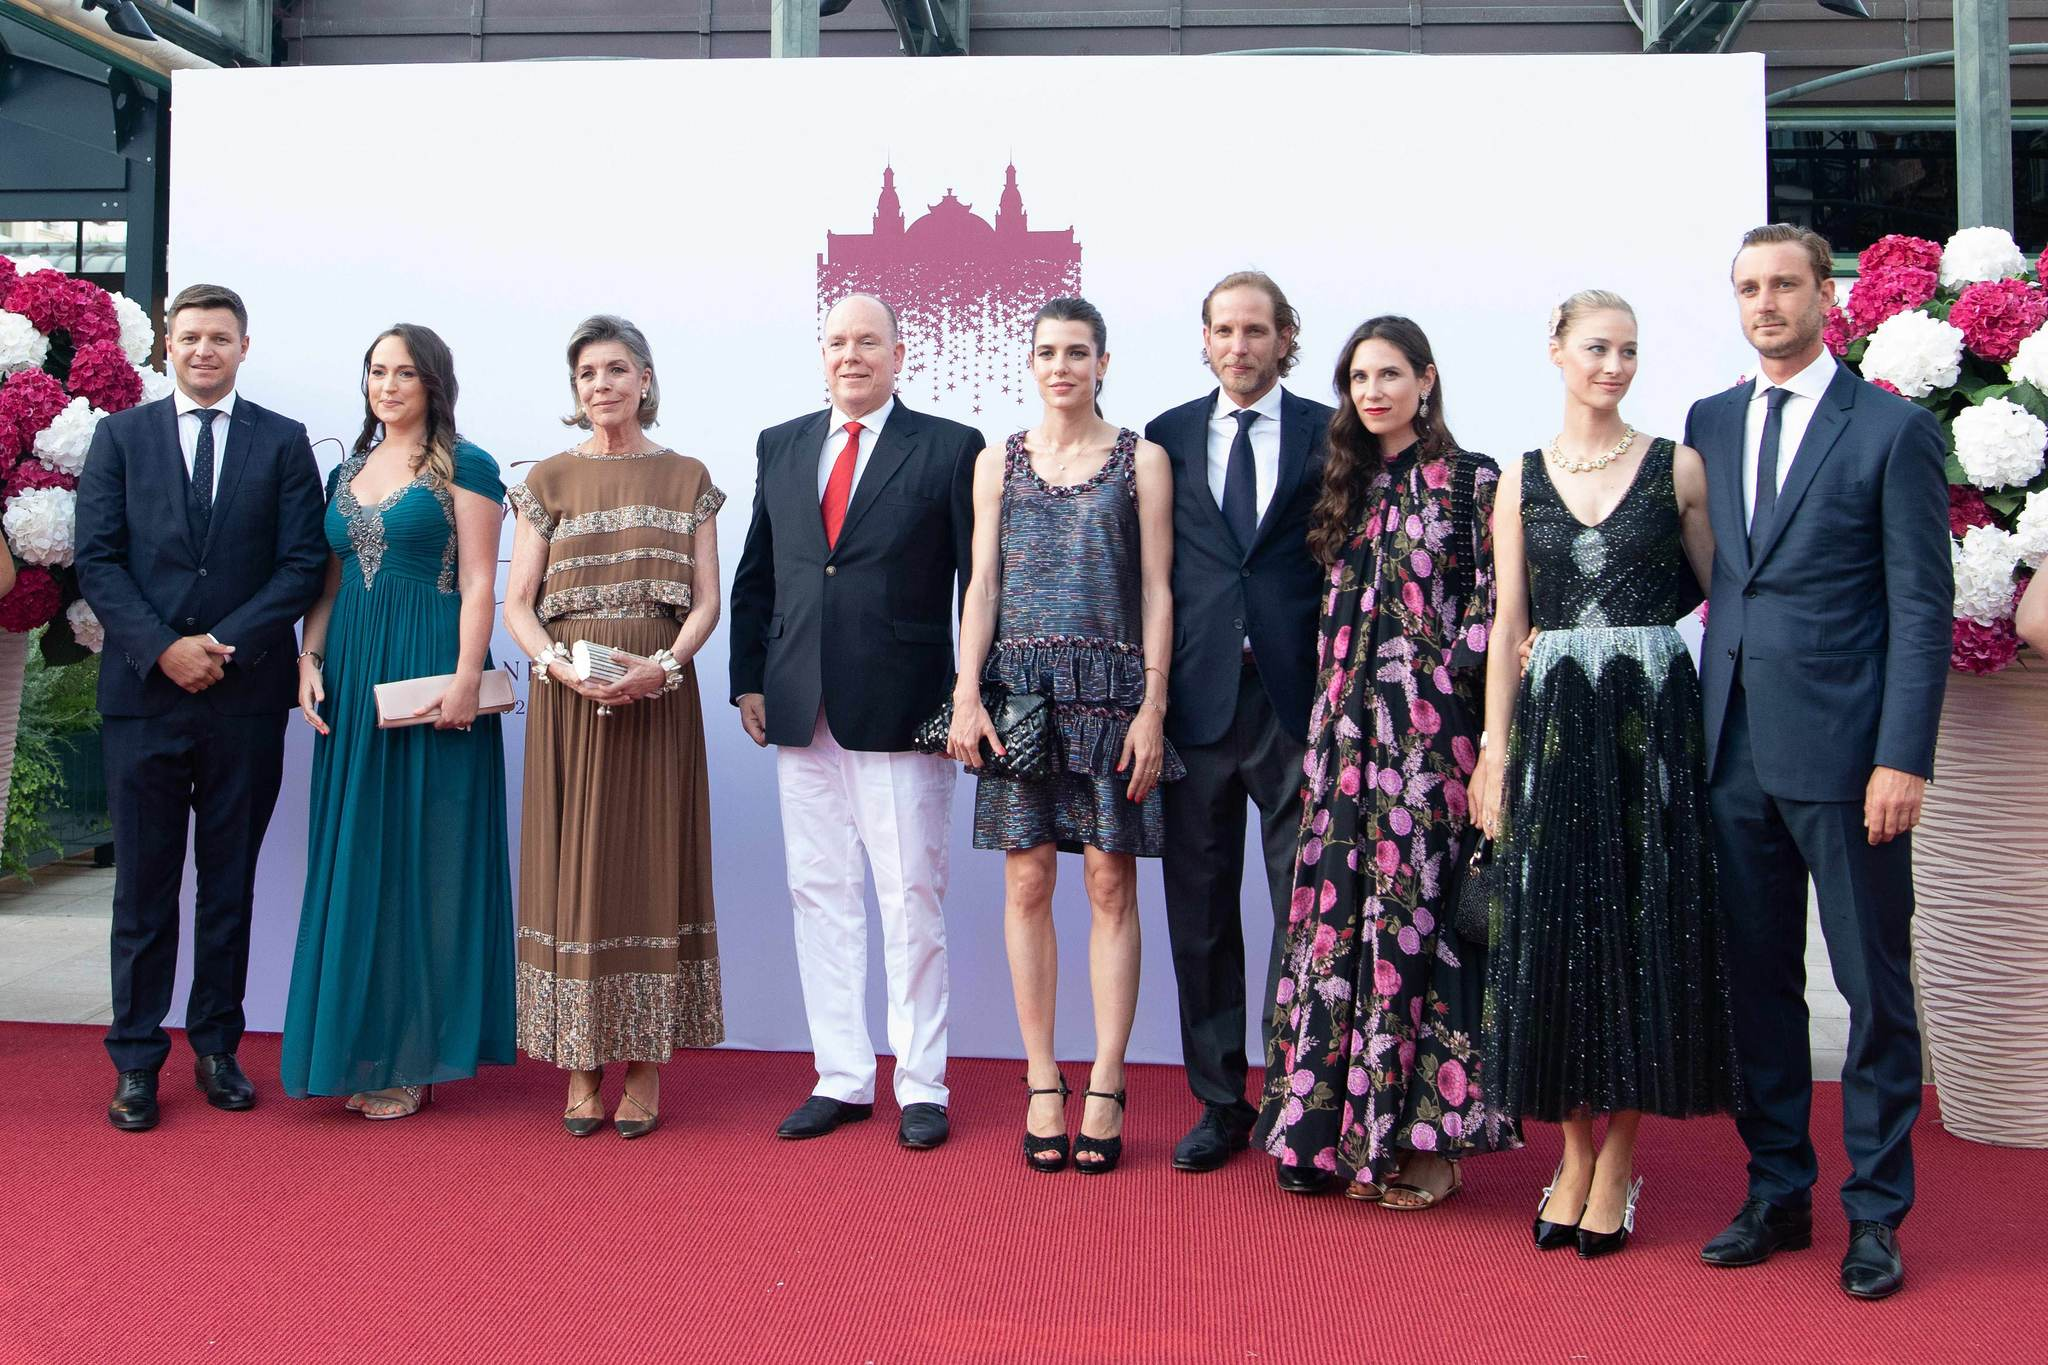 Tatiana Santo Domingo (tercera por la derecha) lució unas ondas de pelo marcadas de aires boho espectaculares en la gala de la Cruz Roja de Mónaco.